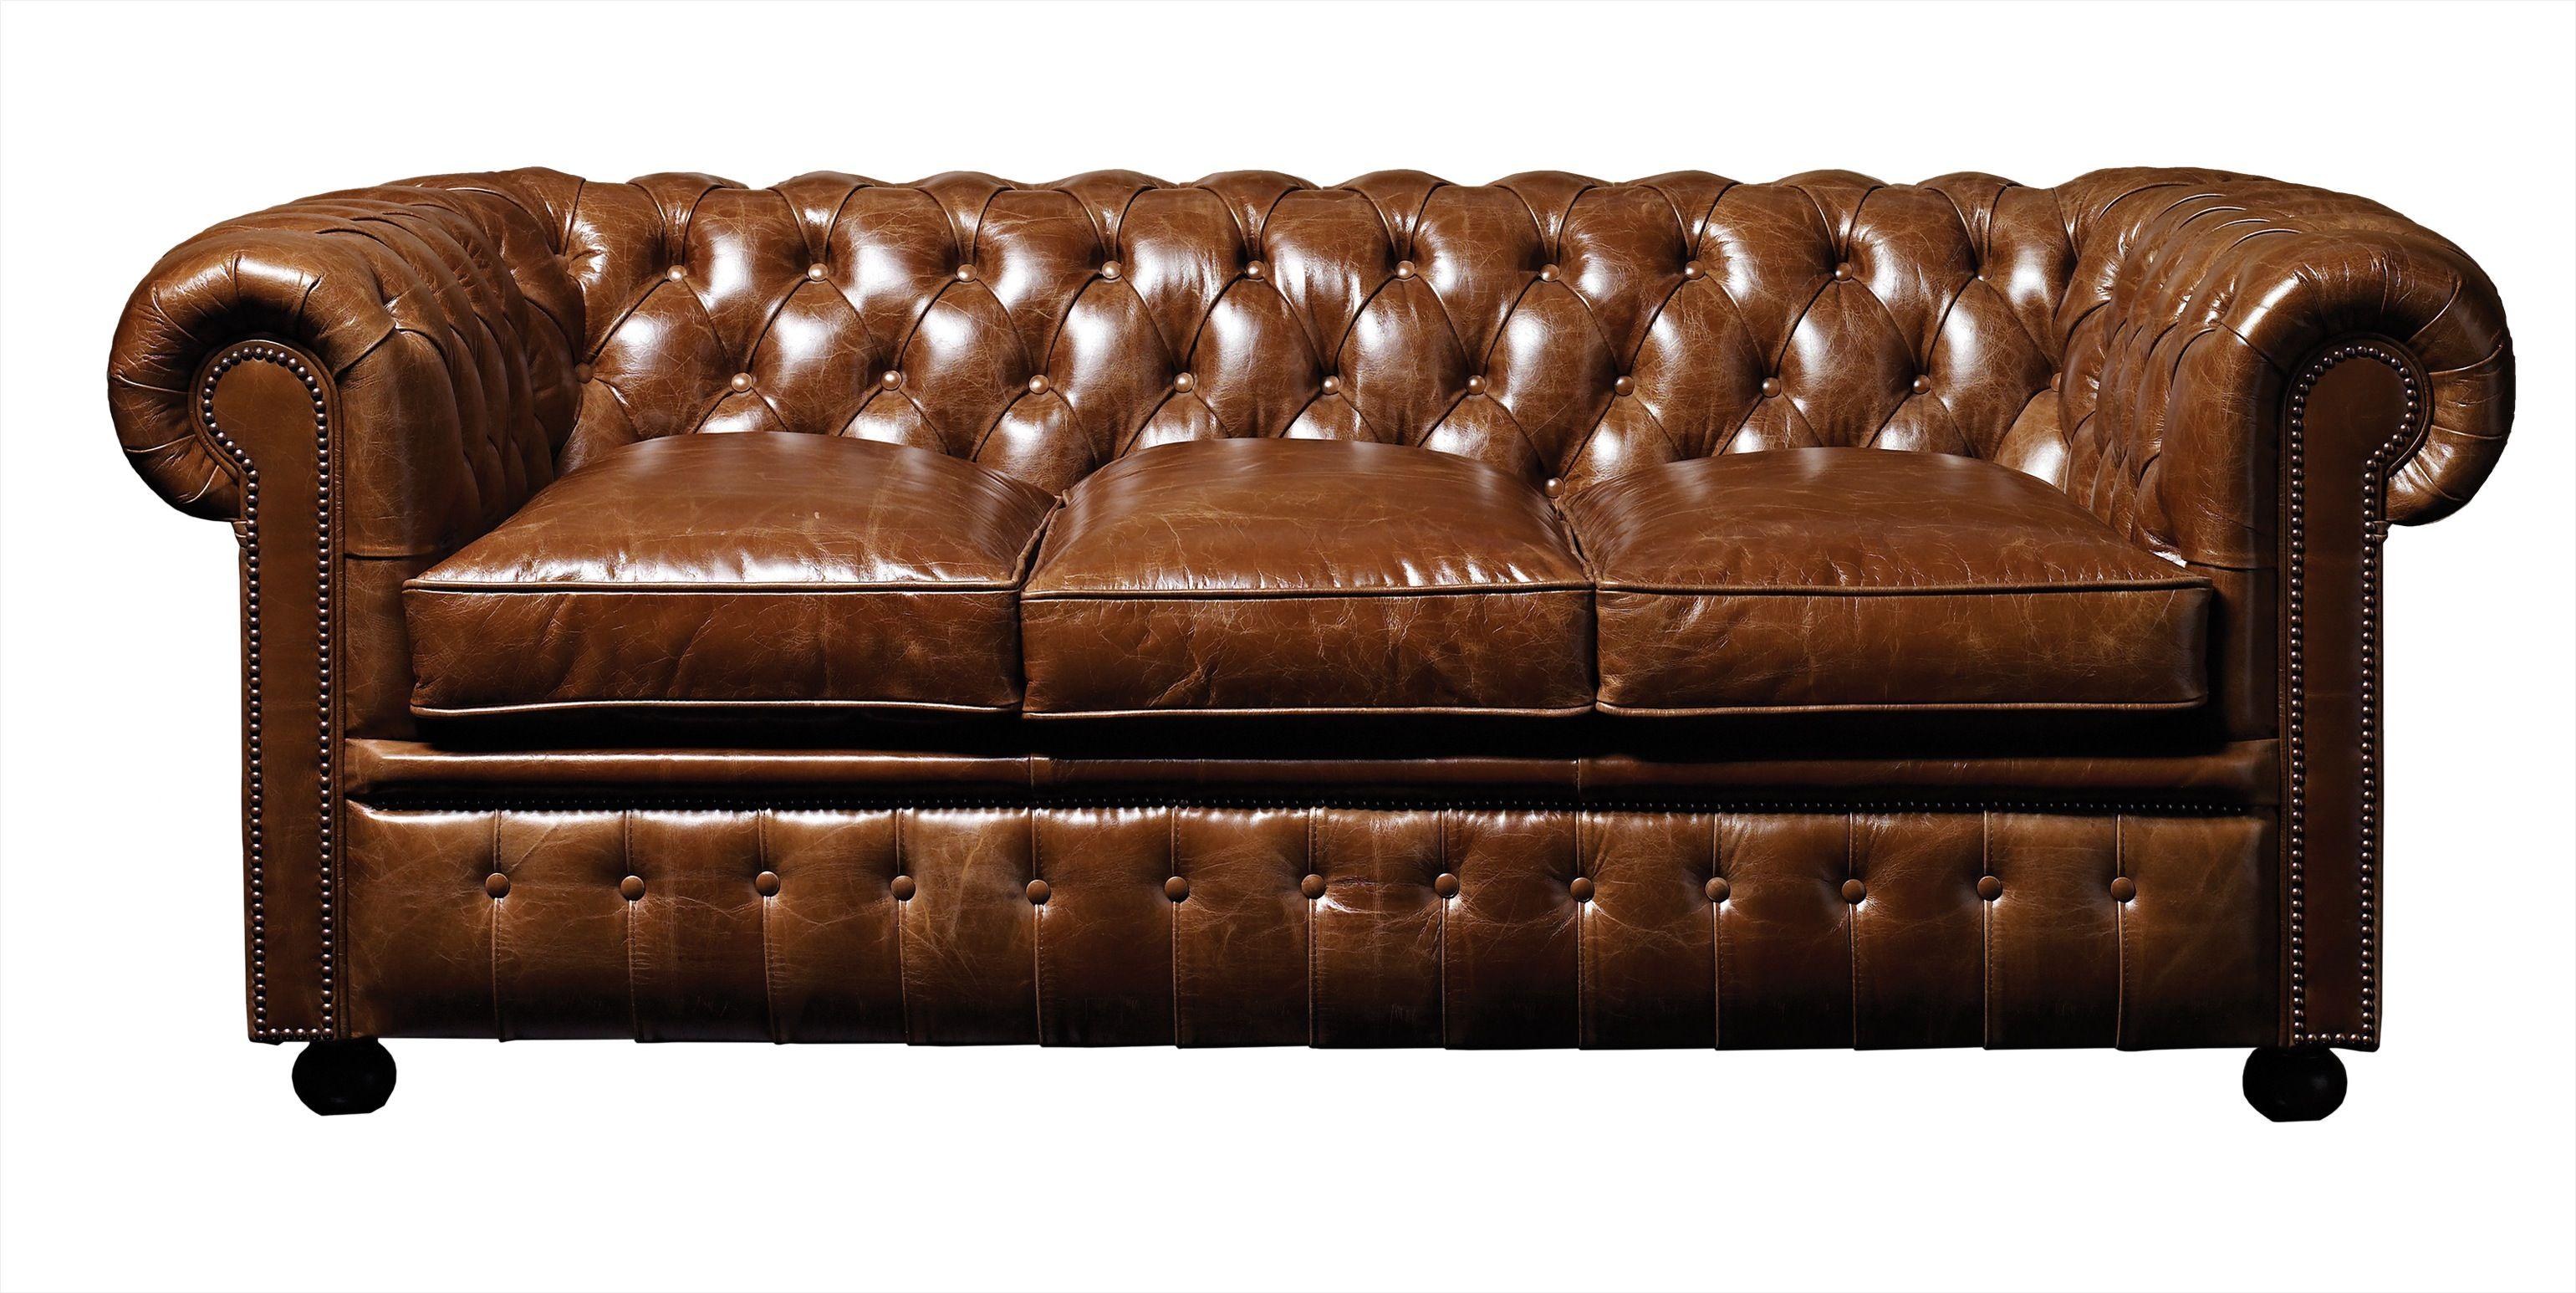 Brown Chesterfield Sofa Brown Chesterfield Sofa Leather Chesterfield Sofa Brown Leather Chesterfield Sofa